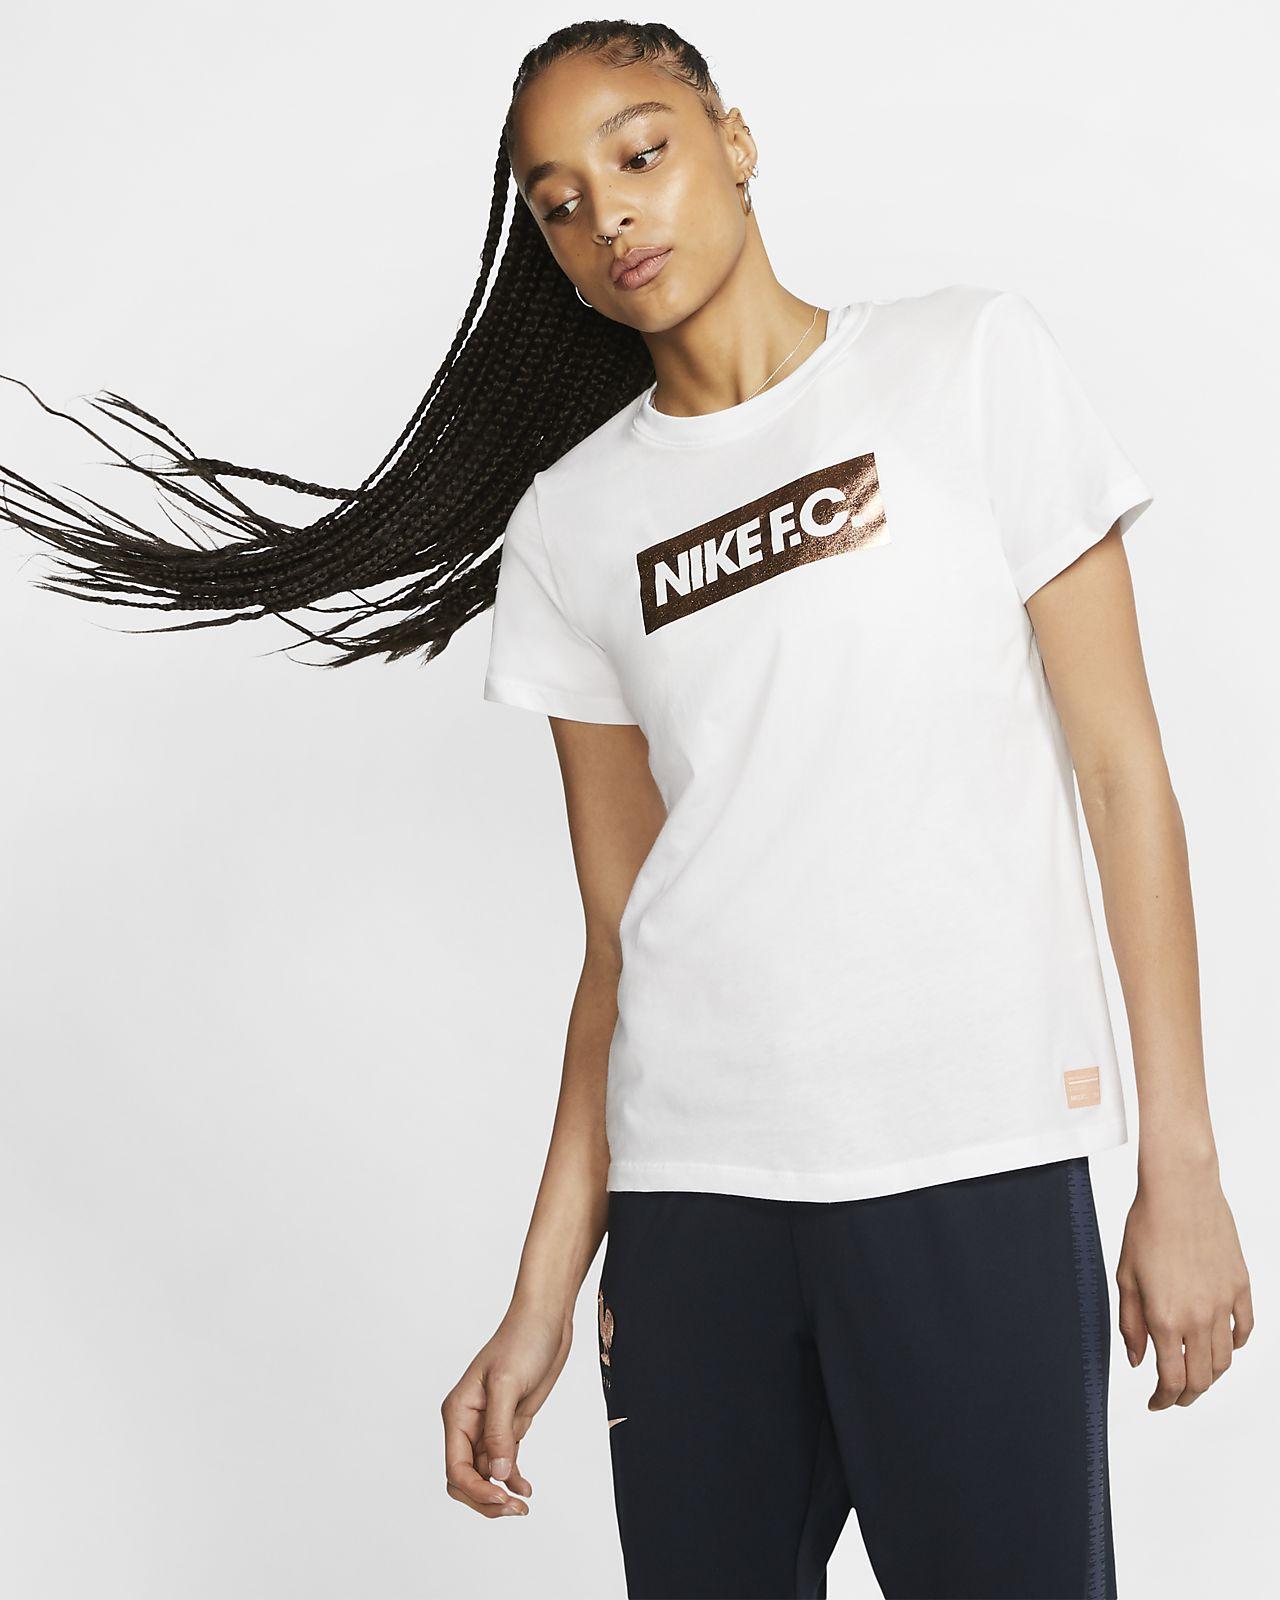 Fotbolls-t-shirt Nike F.C. för kvinnor